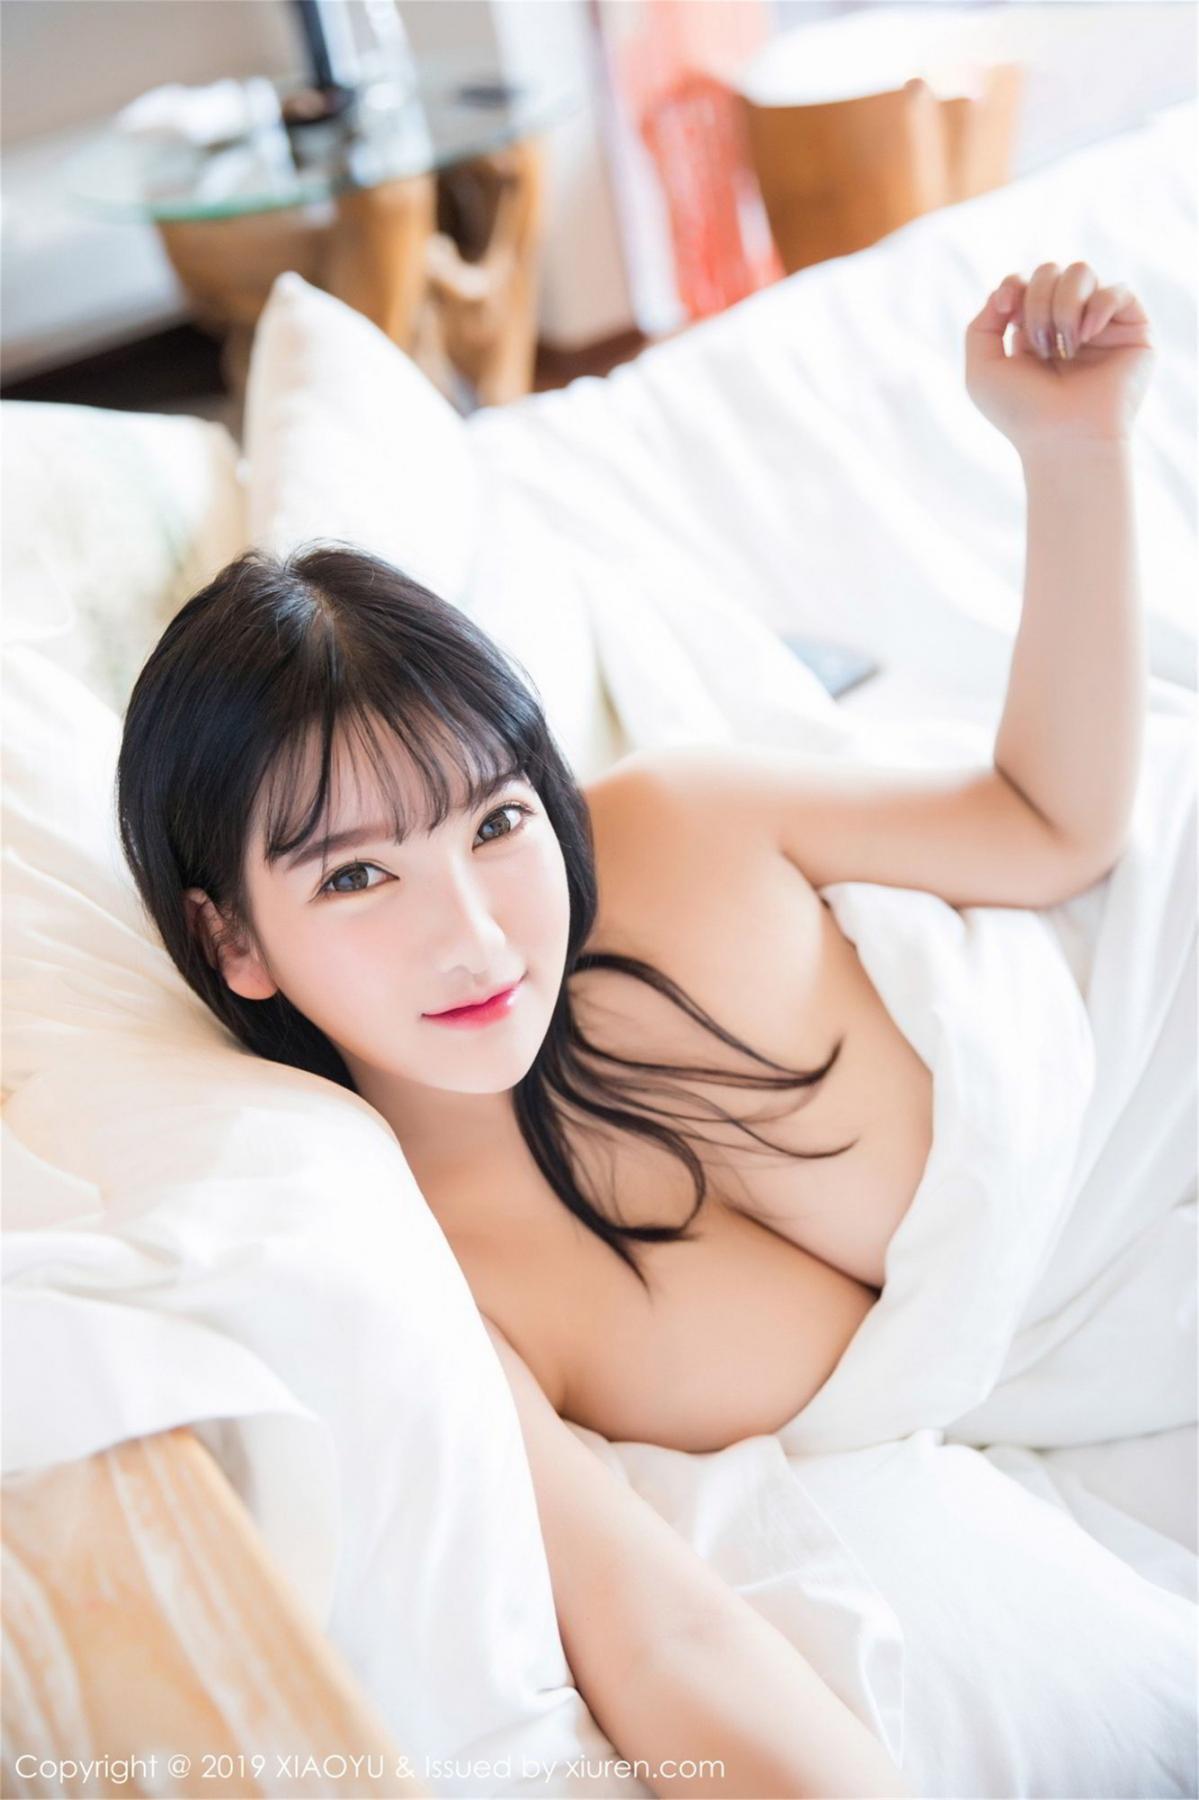 [XiaoYu] Vol.070 Lu Lu Xiao Miao 11P, Baby Face Big Boobs, Lovely, Lu Lu Xiao Miao, XiaoYu